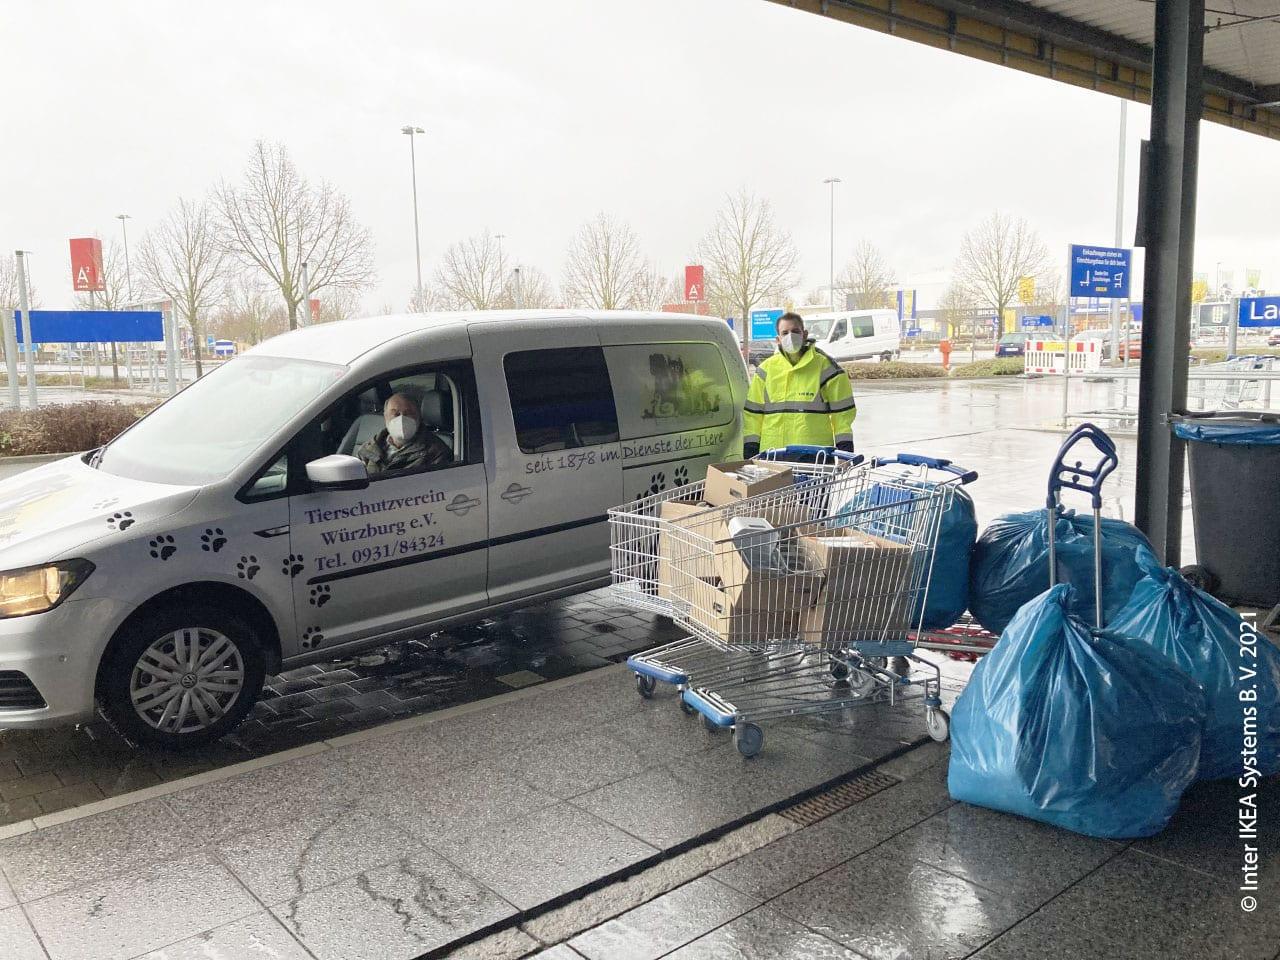 IKEA Spende Tierschutzverein